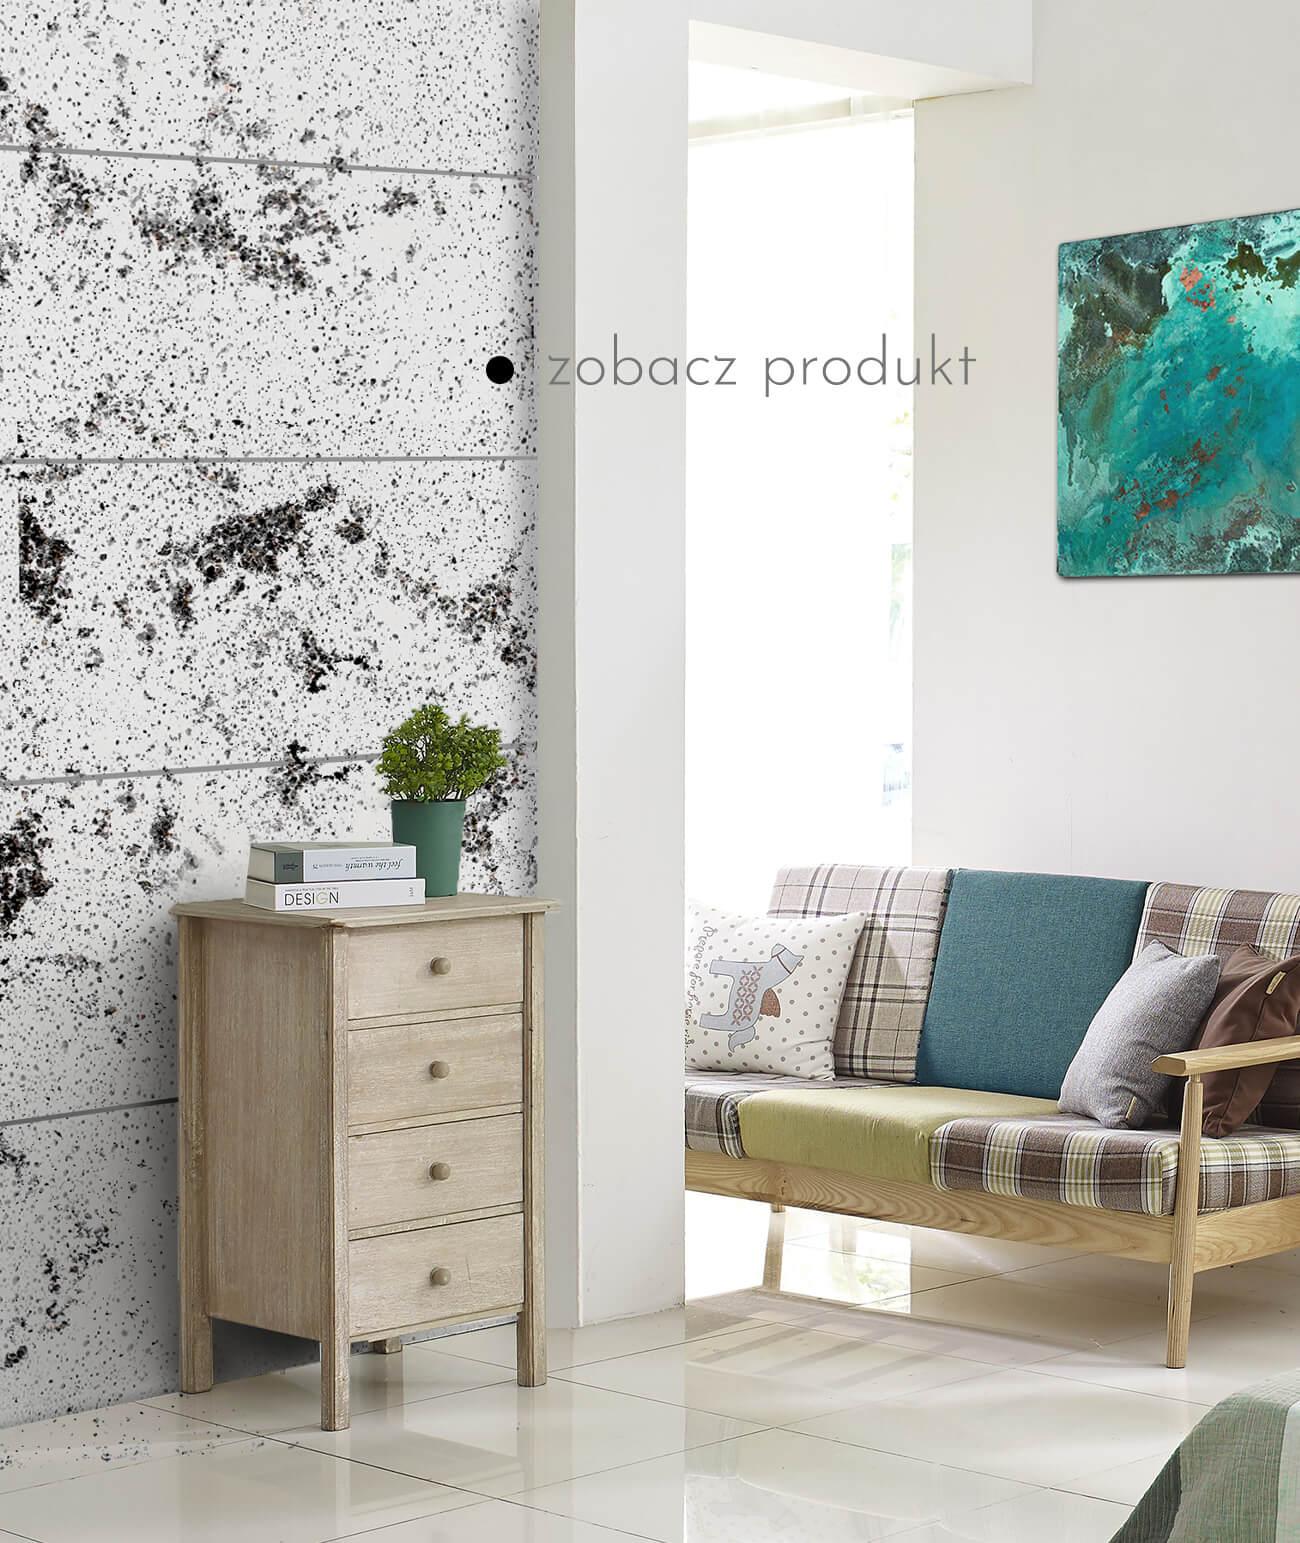 plyty-betonowe-scienne-i-elewacyjne-beton-architektoniczny_1194-24762-ds-bialy-czarne-kruszywo-plyta-beton-architektoniczny-grc-ultralekka